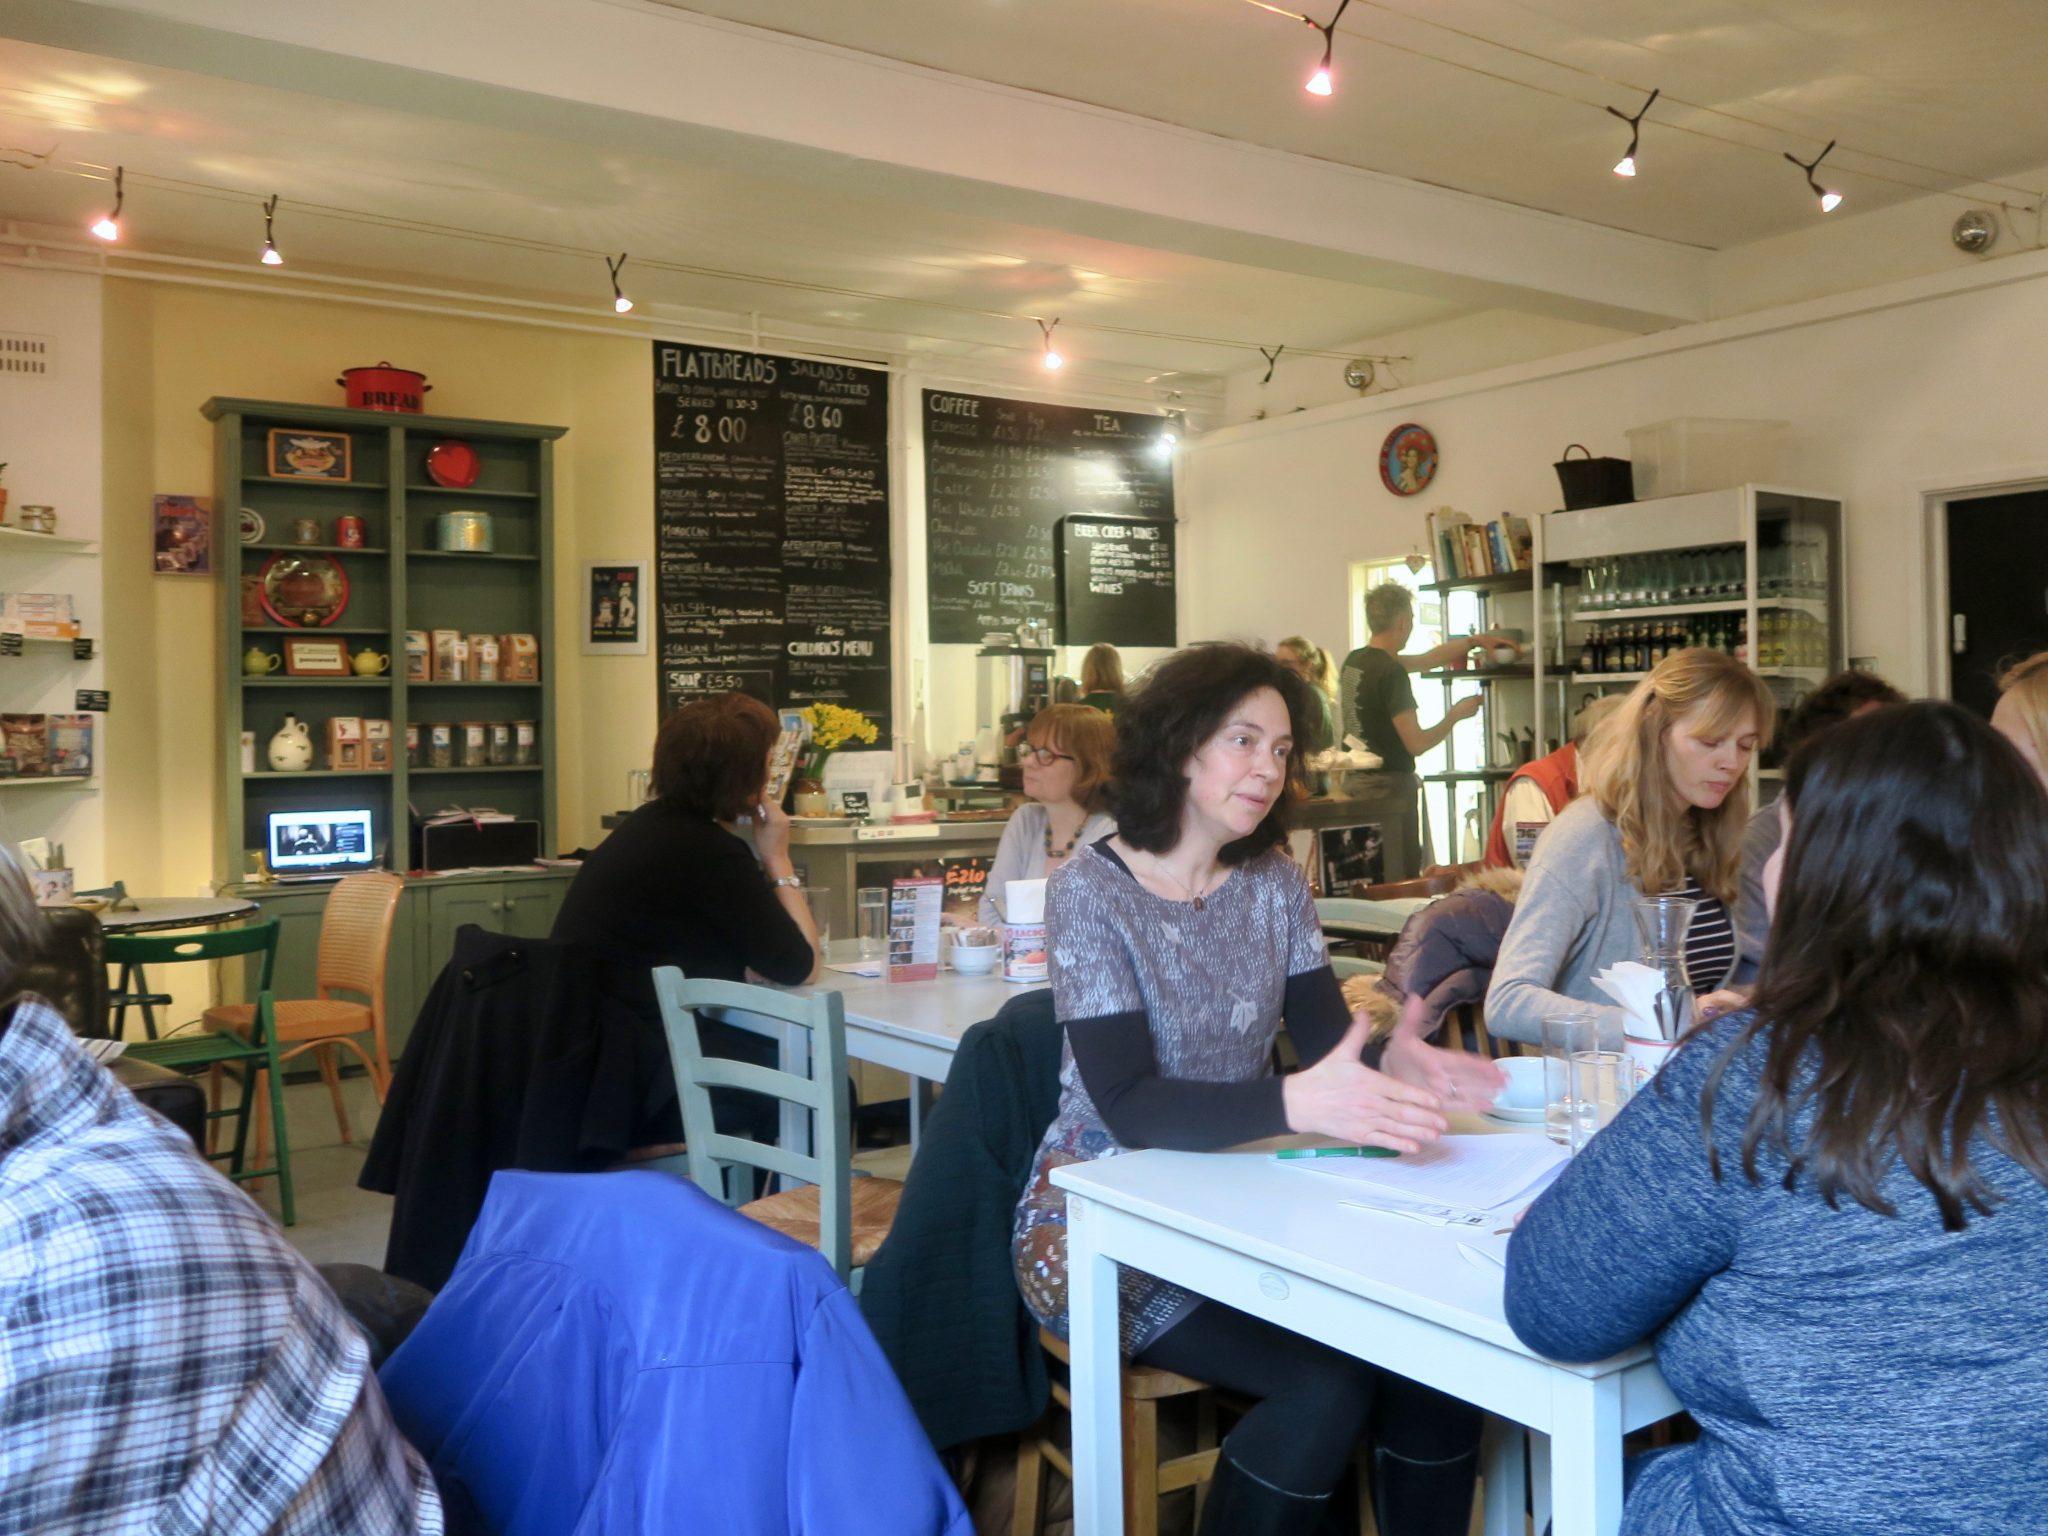 Interior of Chapel Arts Café